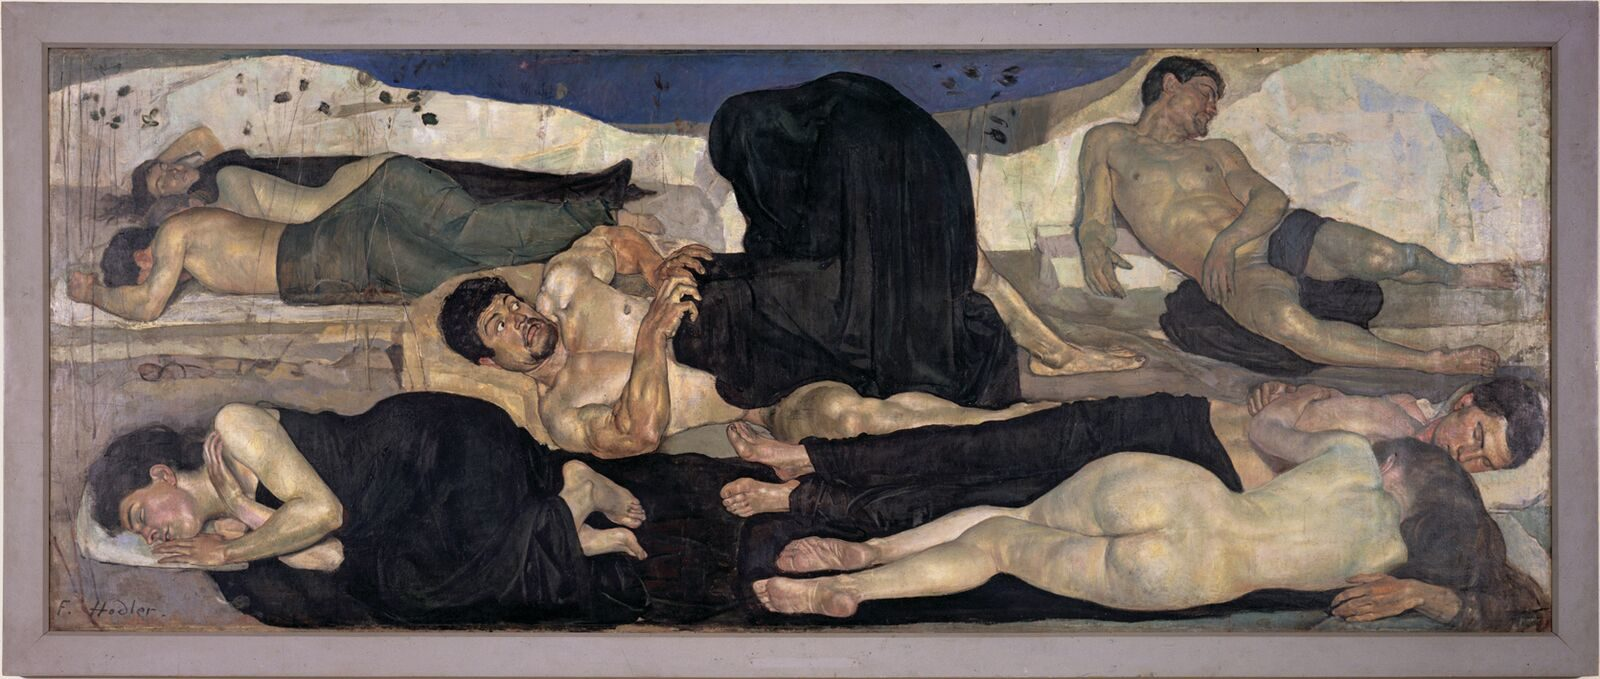 La nuit » (1889) (c)Ferdinand Hodler, article l'année hodler par quantin arnoux et anne fatout pour go out magazine mai 2018